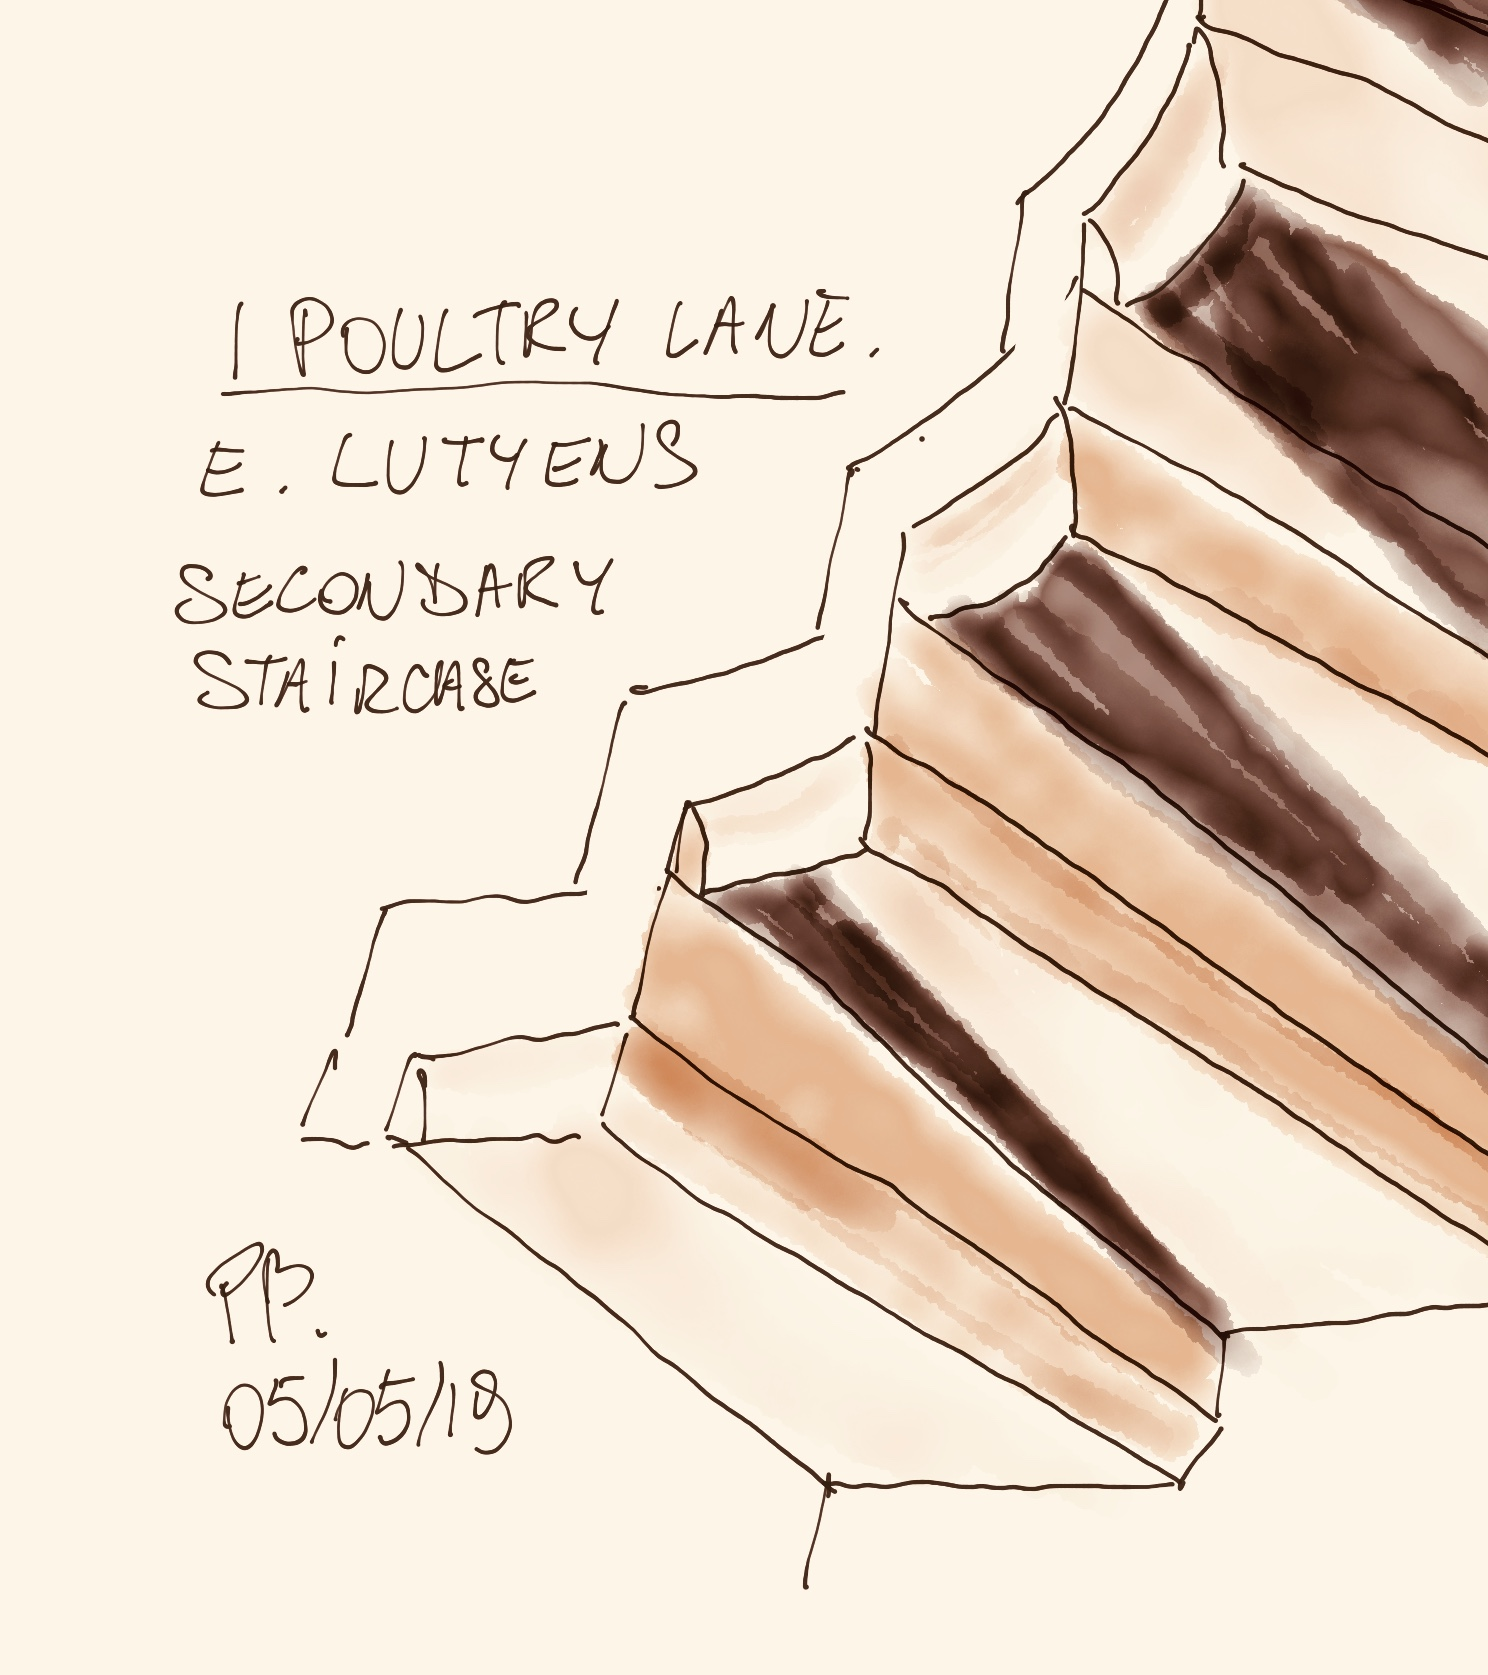 4) Poultry Lane Sketch.jpg